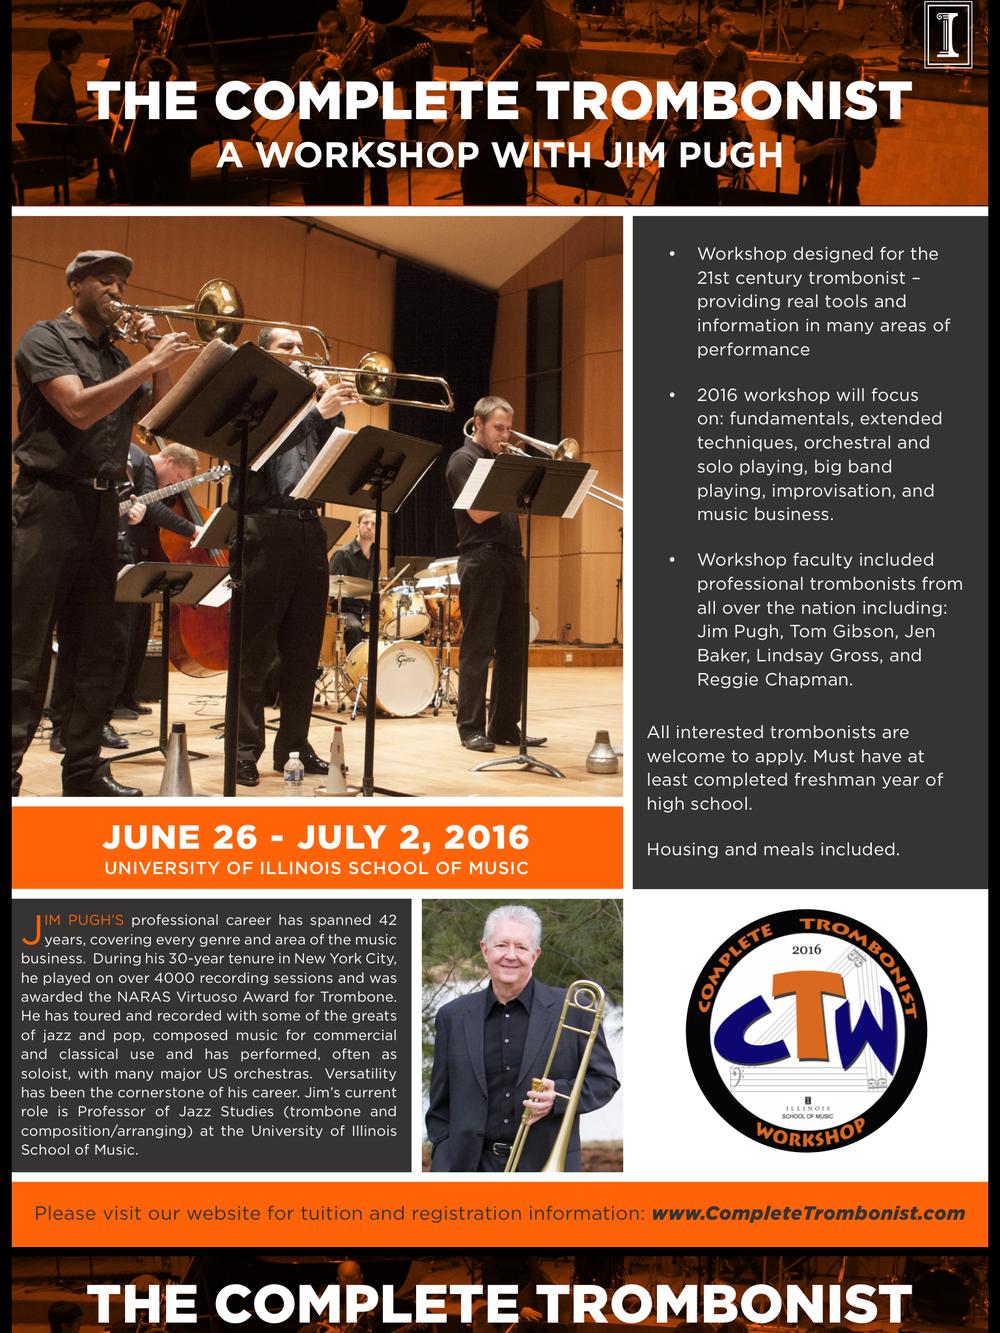 The Complete Trombonist! — Reginald Chapman